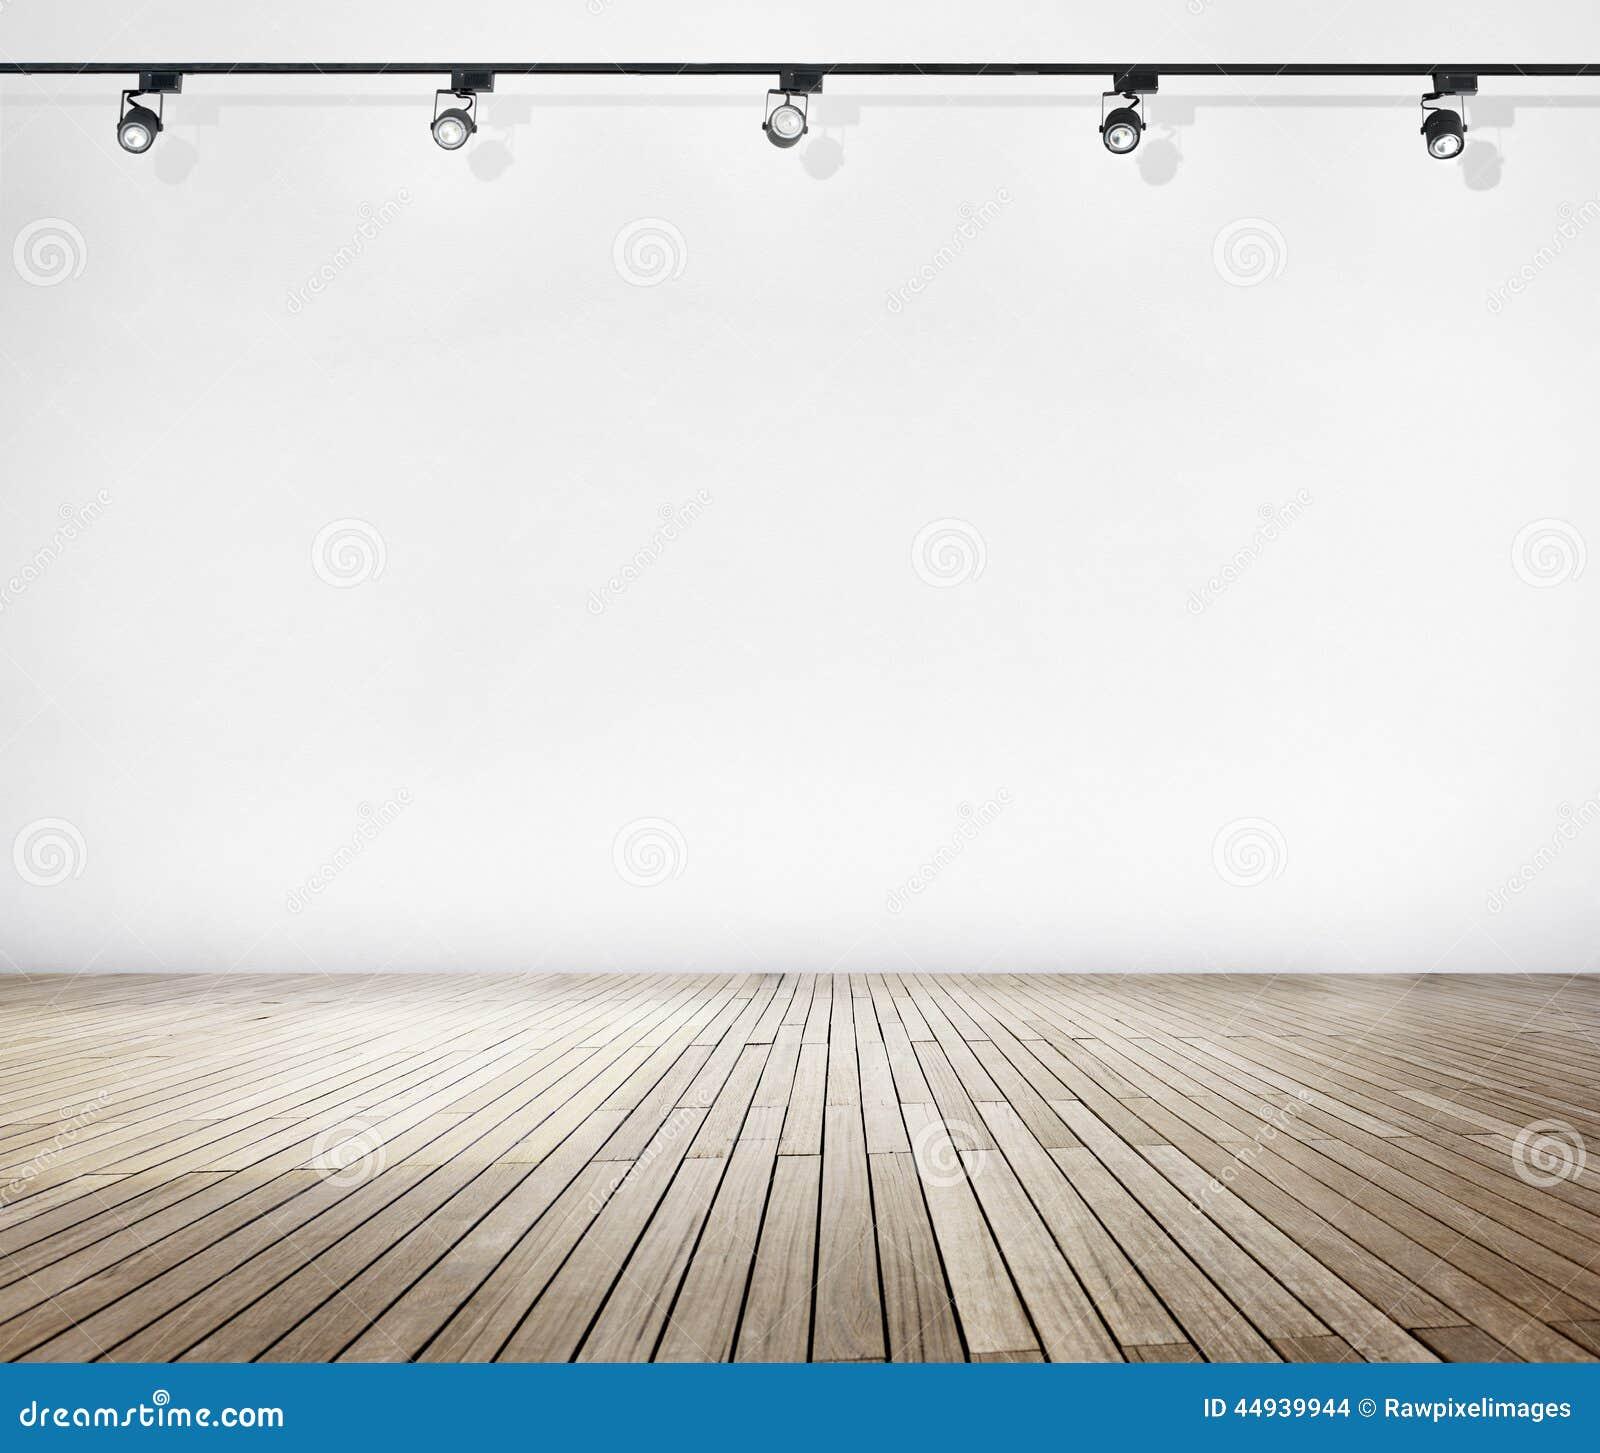 Άσπρος τοίχος και ξύλινο πάτωμα με τα επίκεντρα